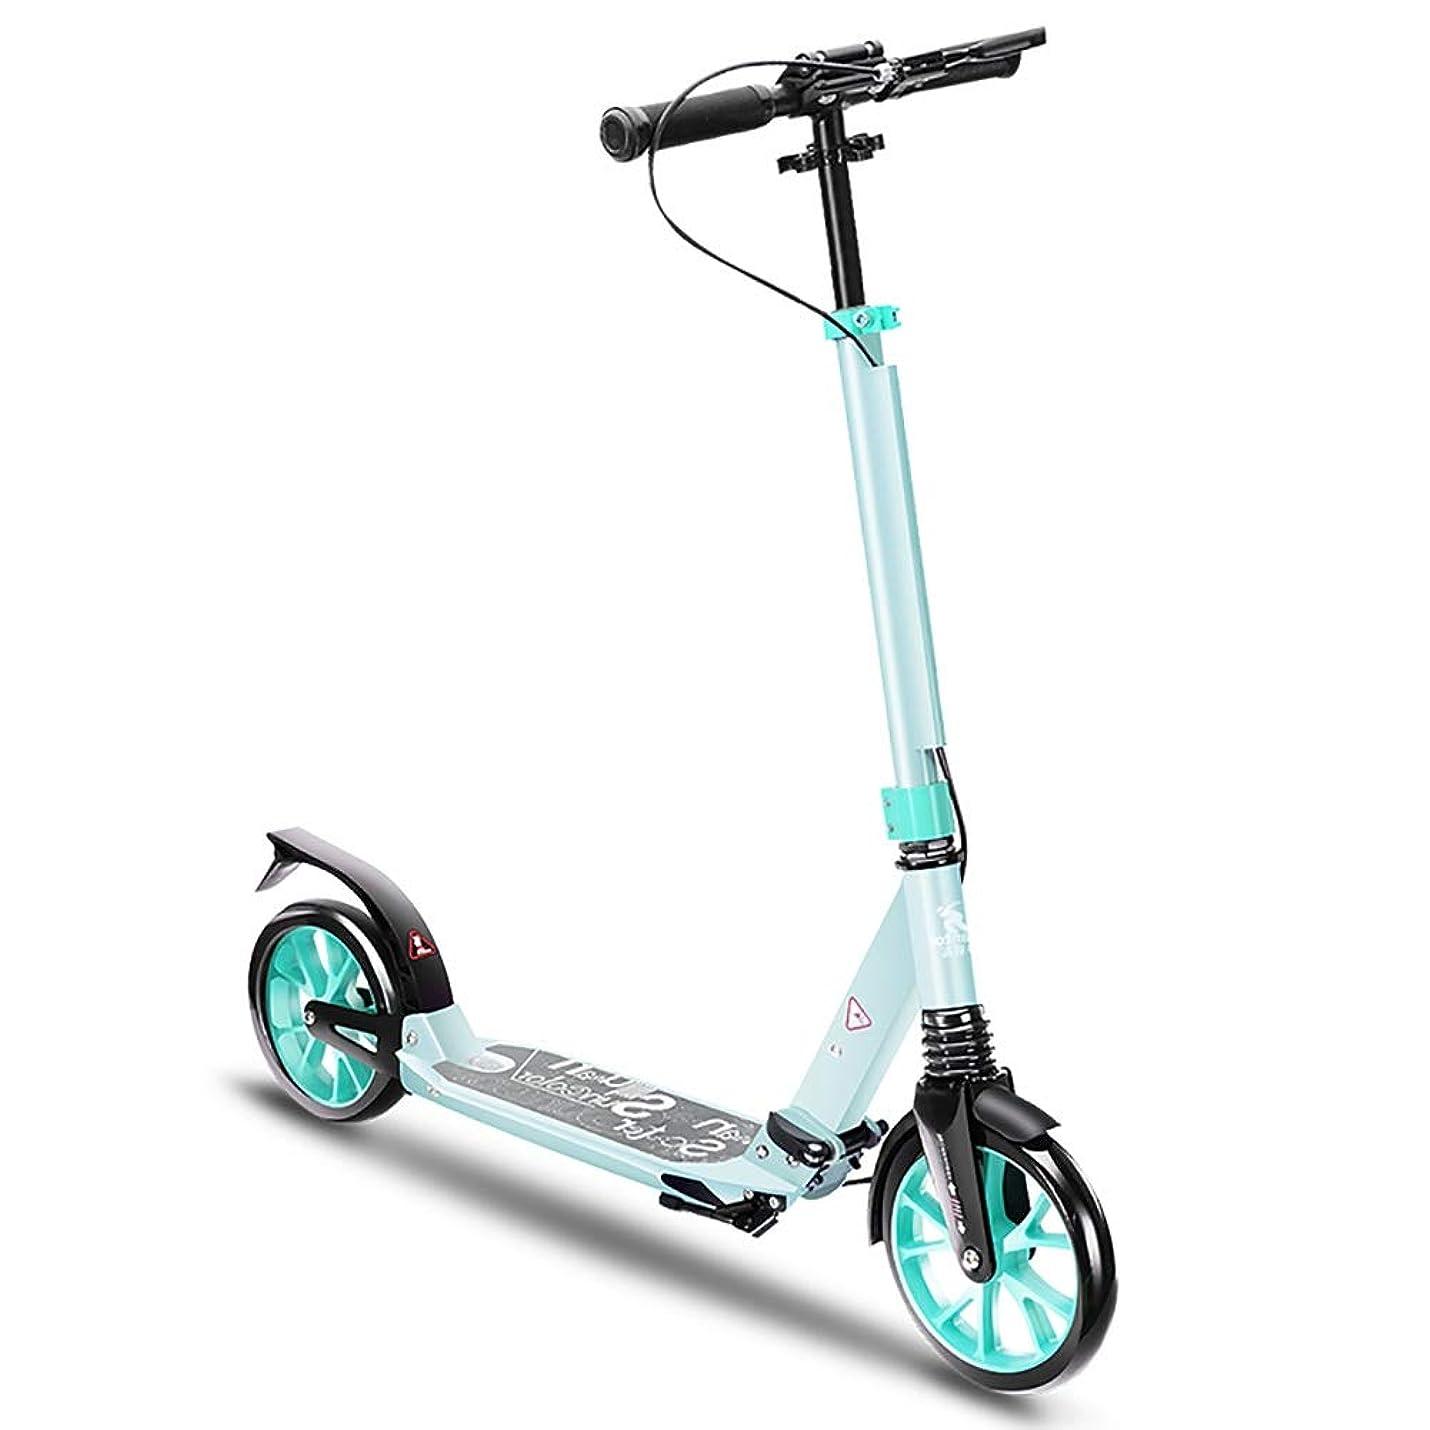 病んでいる略すペインギリックキックボード本体 折りたたみ大人用スクーター、ディスクハンドブレーキ、調節可能ハンドルグリップ、2輪キックスクーター、220lbs容量 (色 : 青)